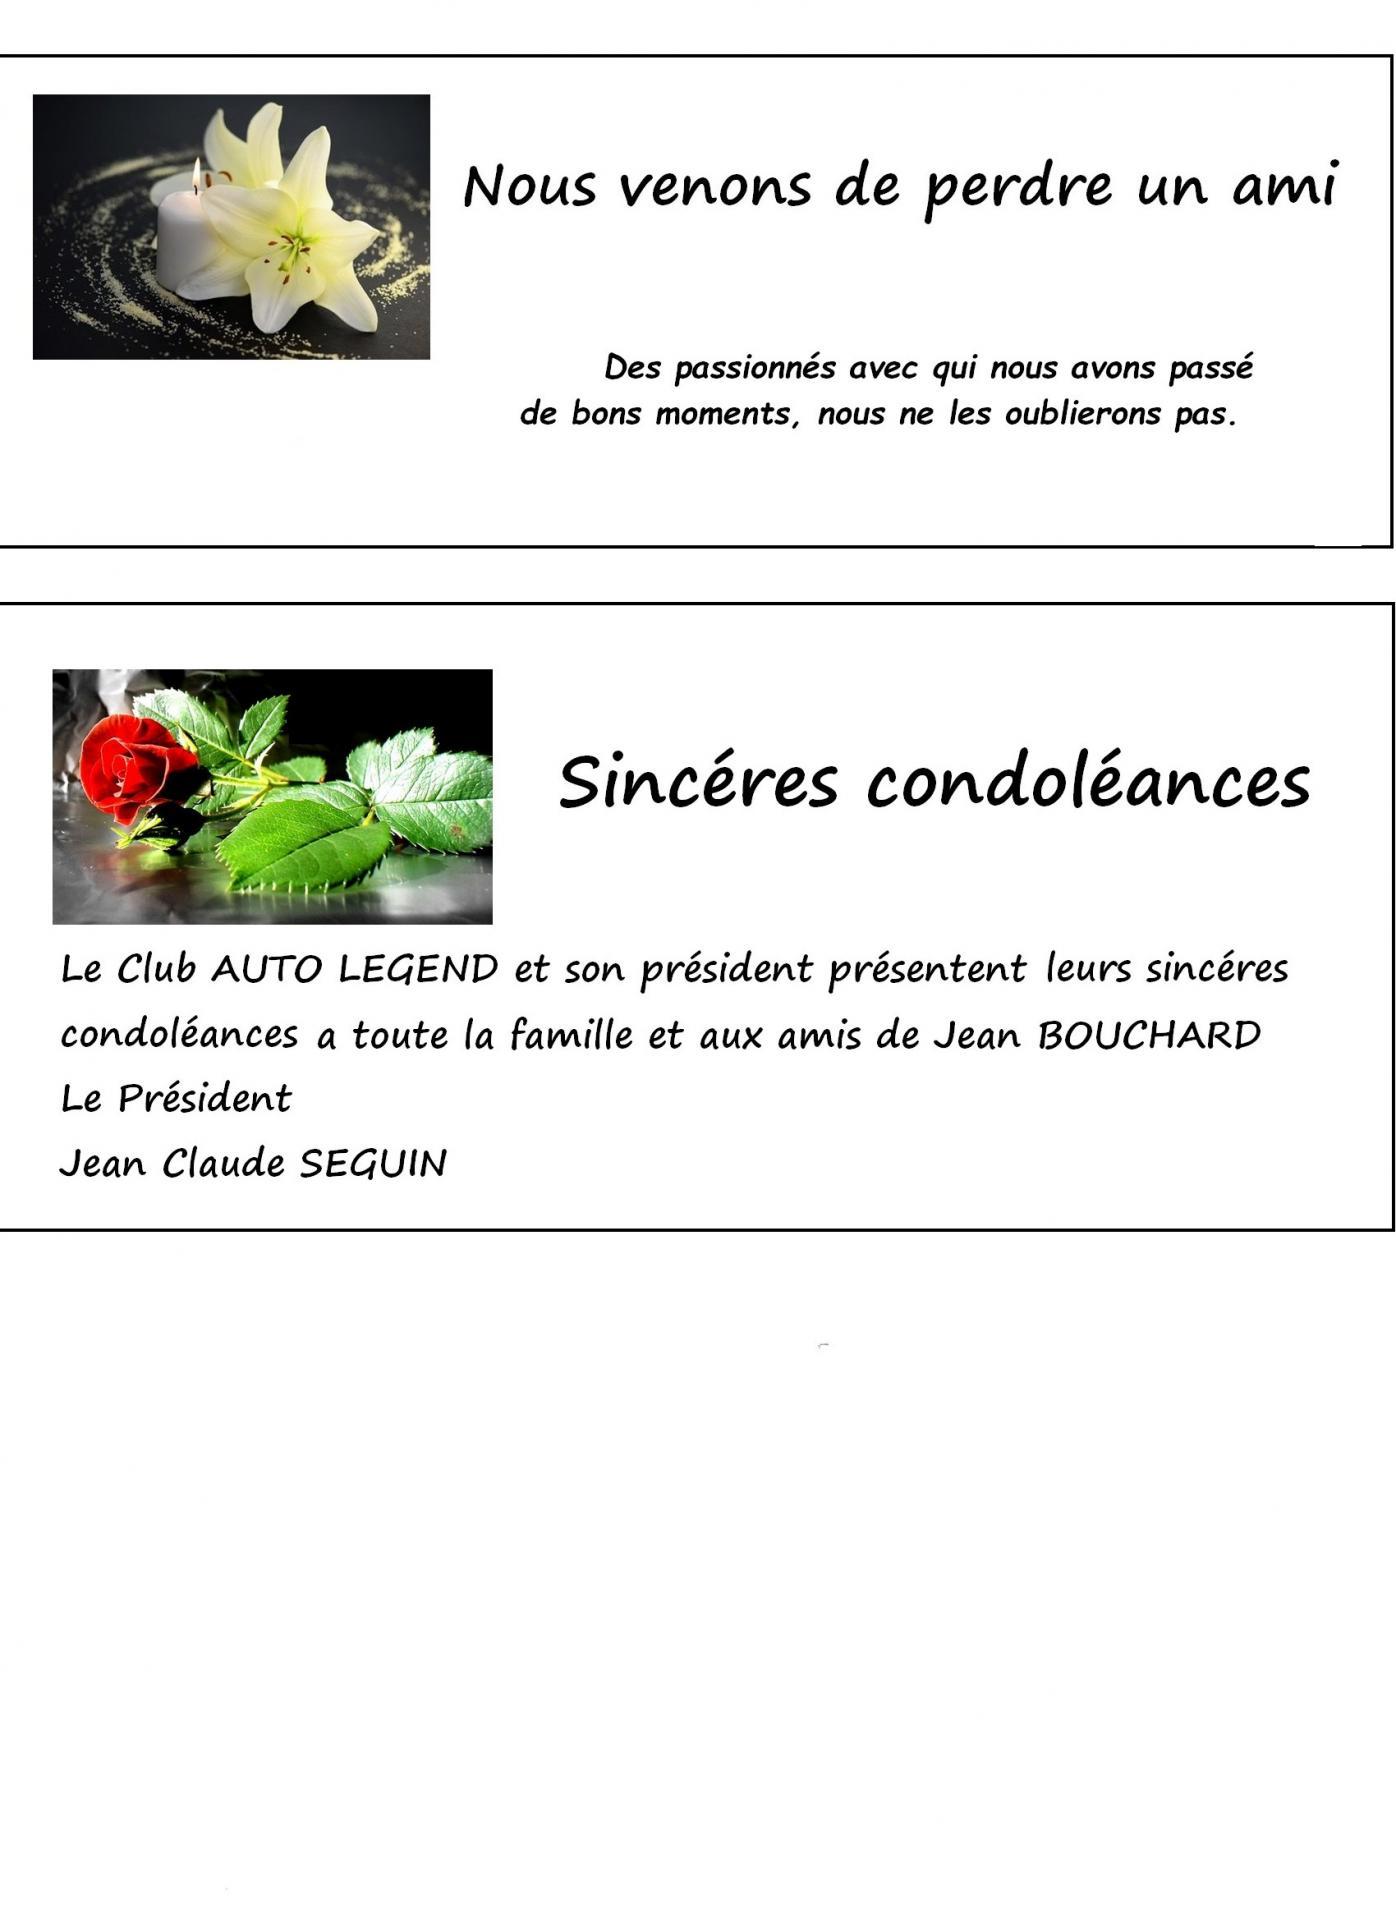 Avis de deces condoleances